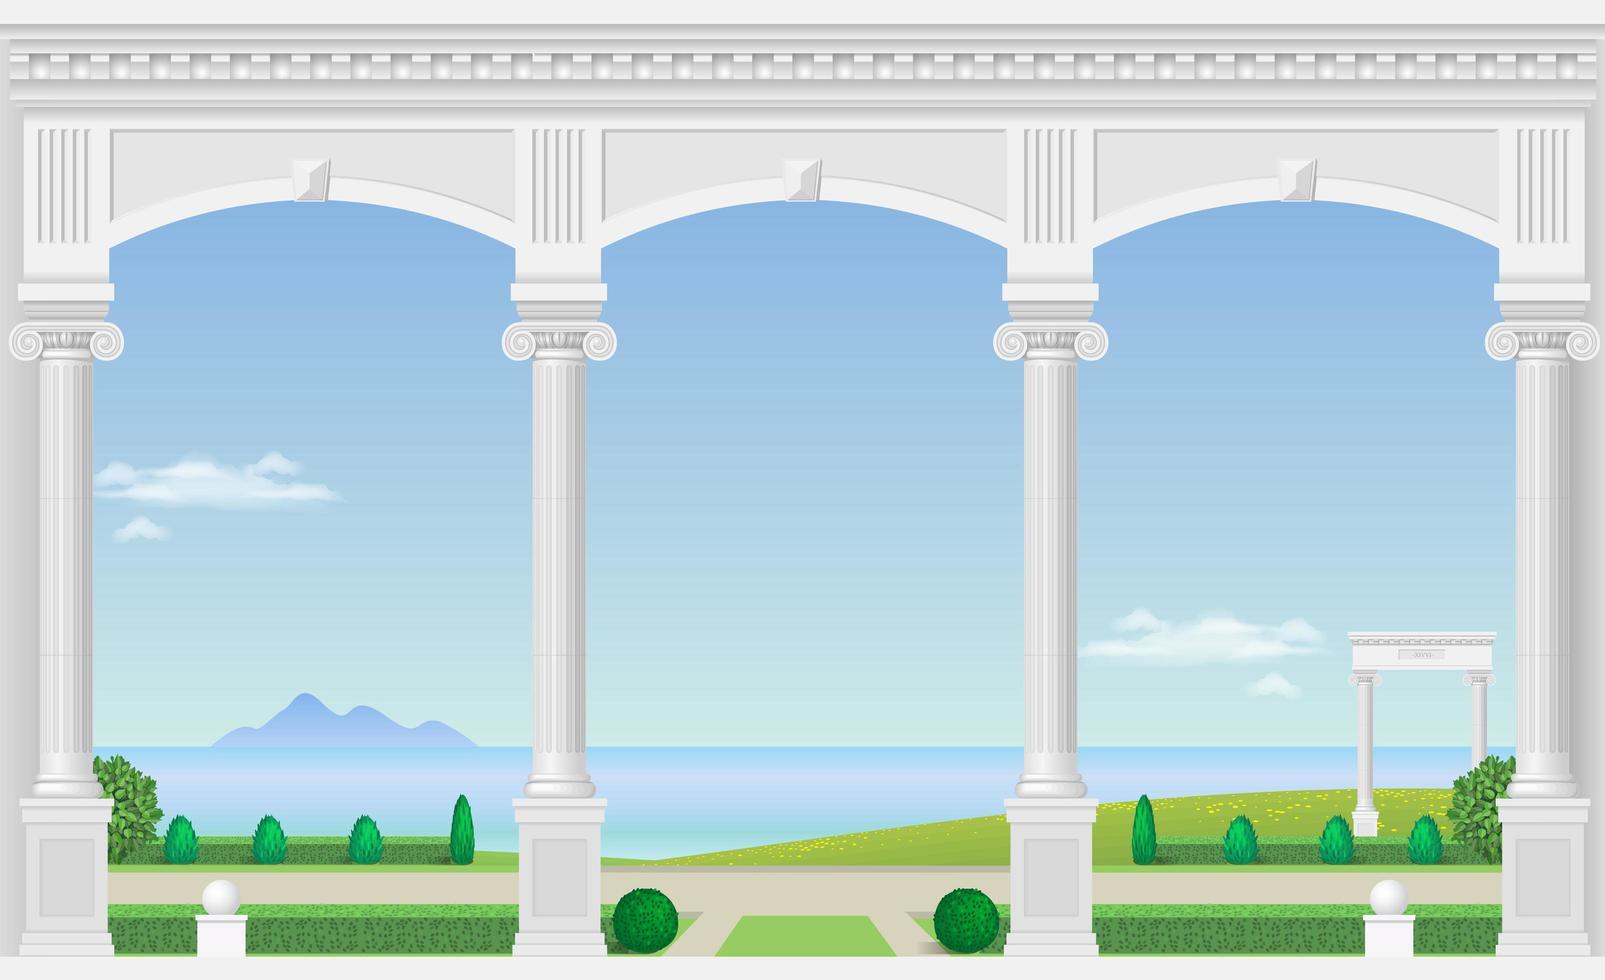 paleis balkon met uitzicht op tuin en zee vector